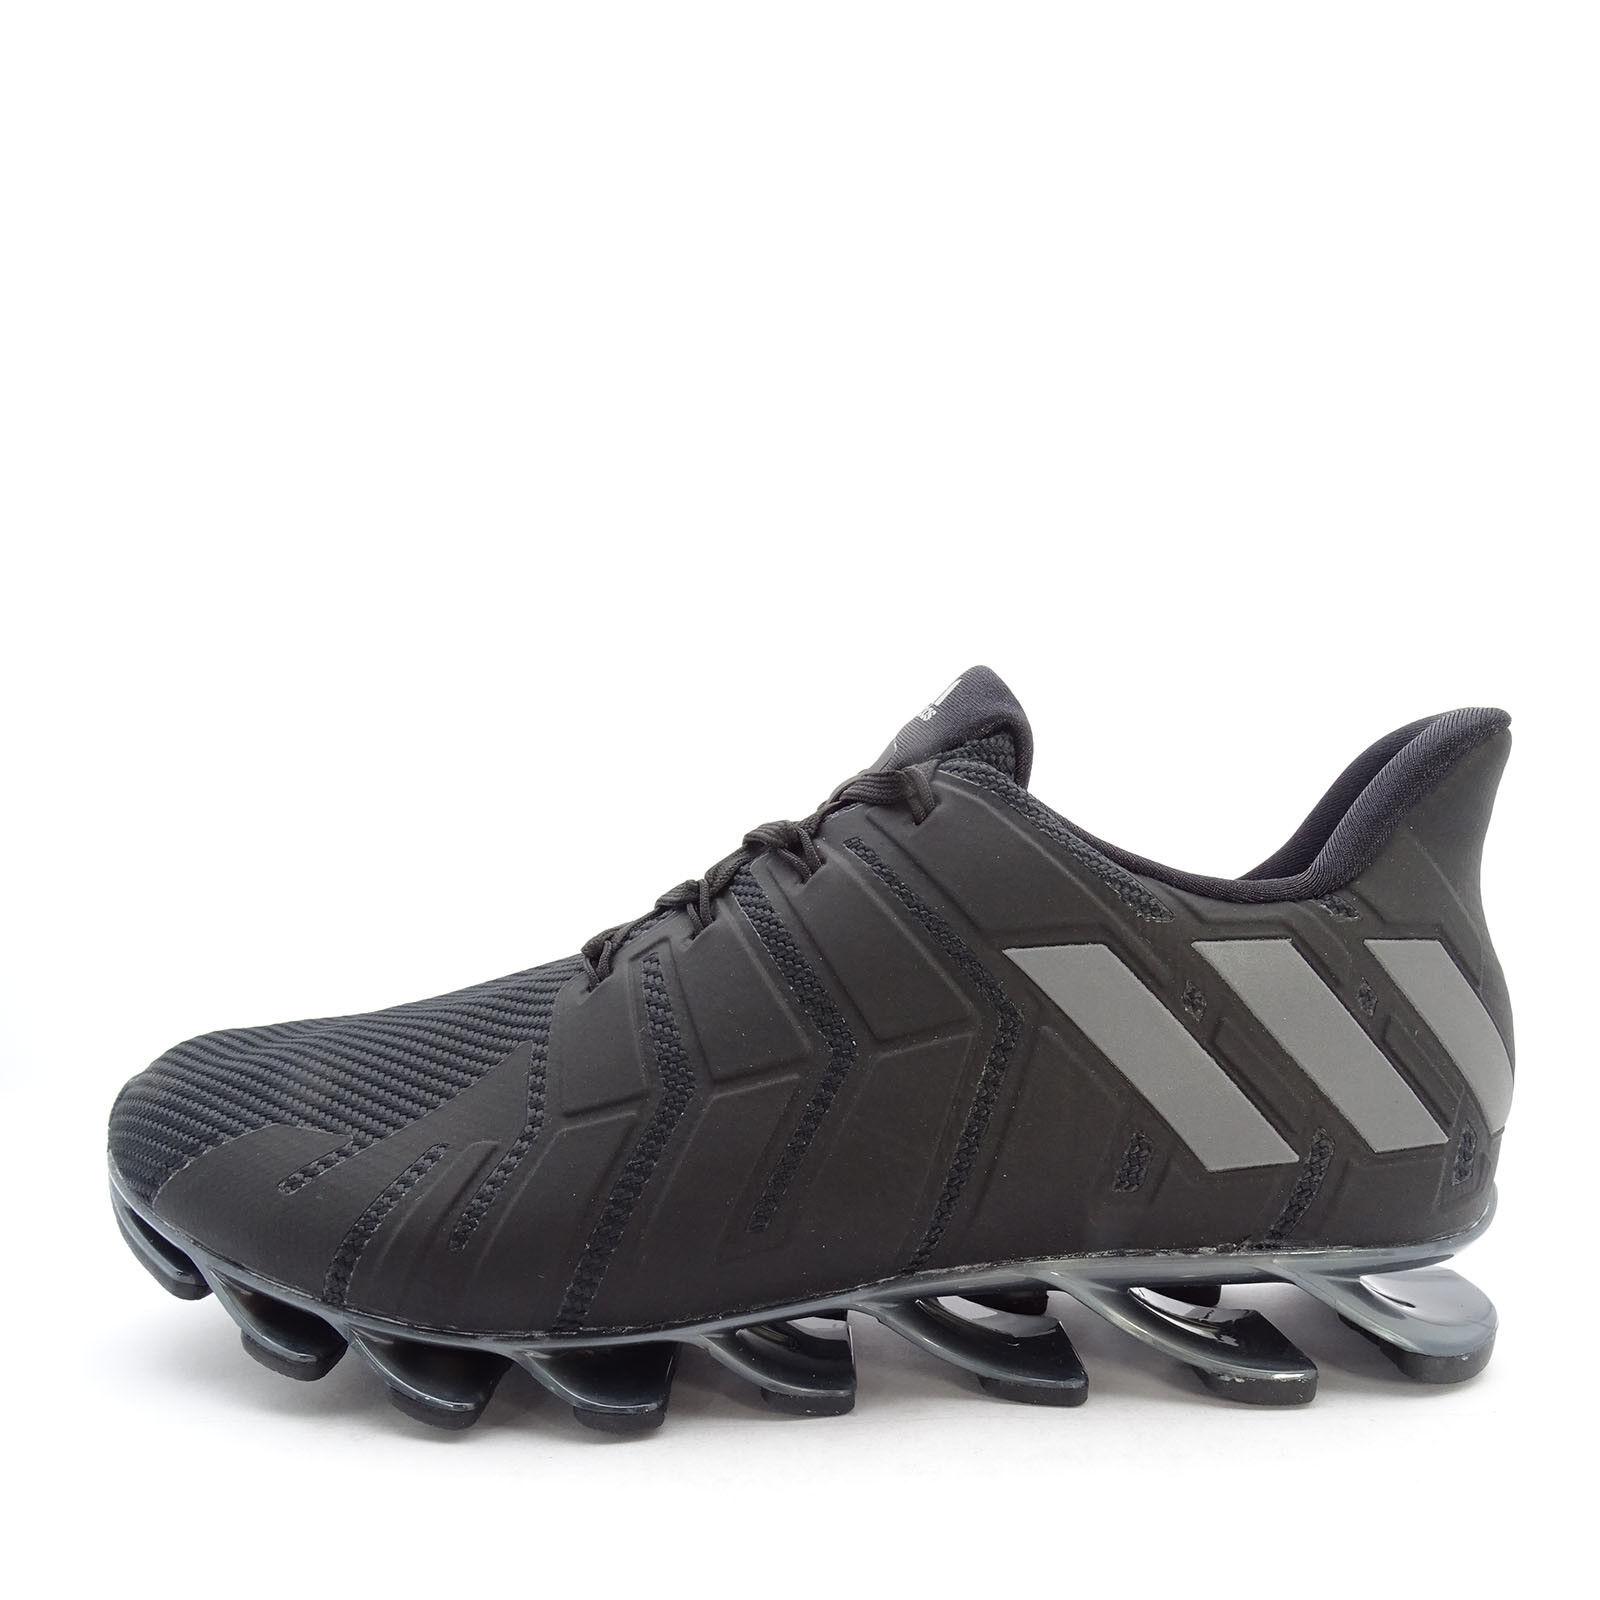 Adidas springblade pro m (b42598] männer metallic laufschuhe aus schwarz / grau metallic männer f0dc01